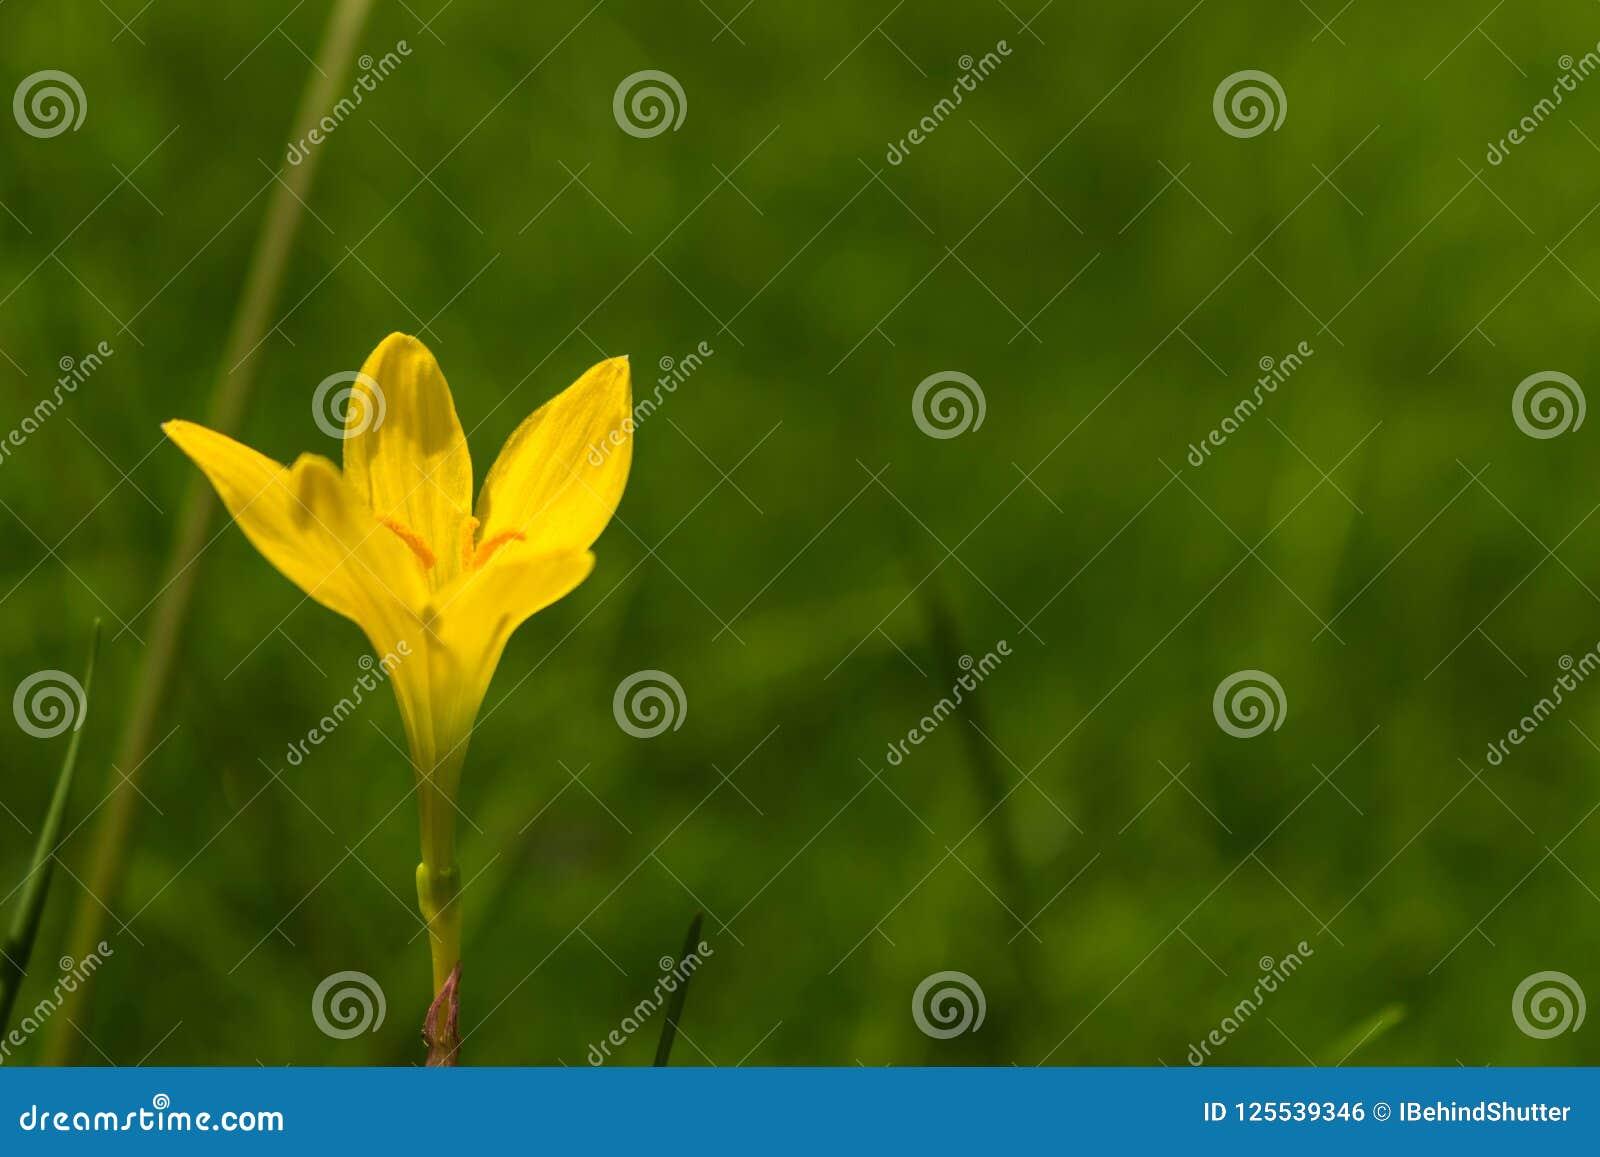 Une belle de jour fleur jaune simple lilly